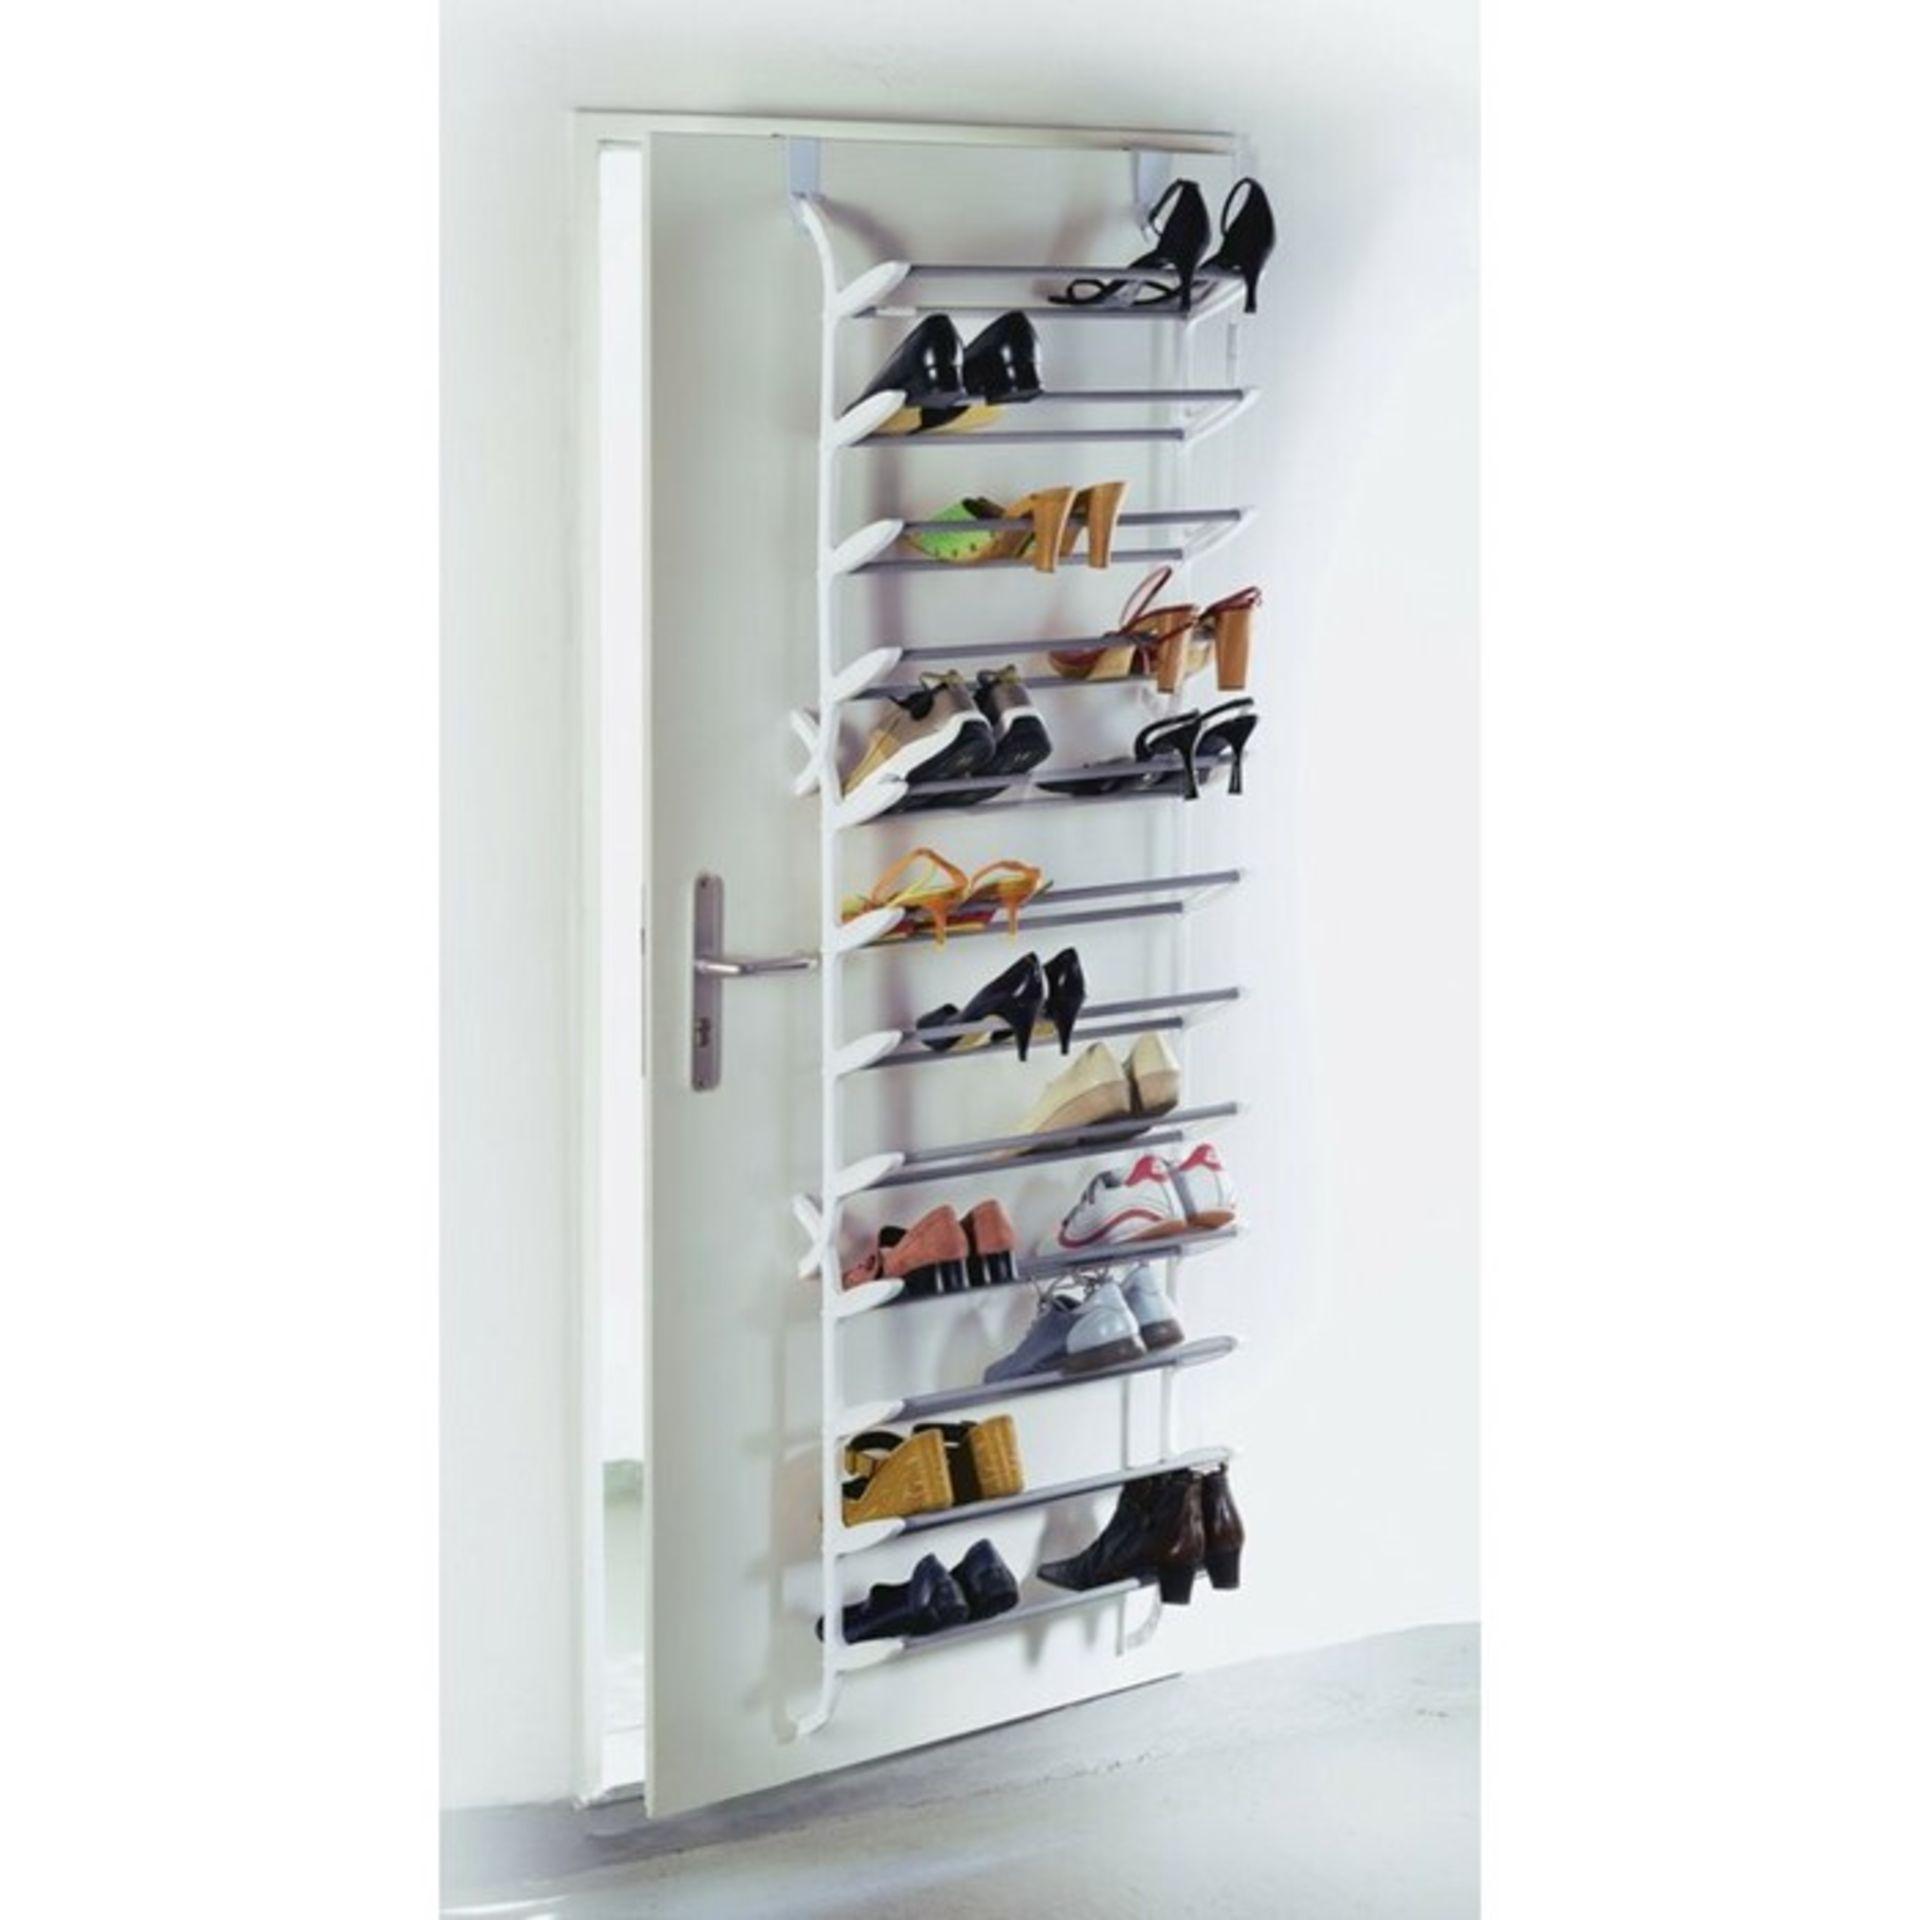 Symple Stuff, 36 Pair Overdoor Shoe Organiser - RRP £29.53 (PUDA1076 - 21629/20) 4G